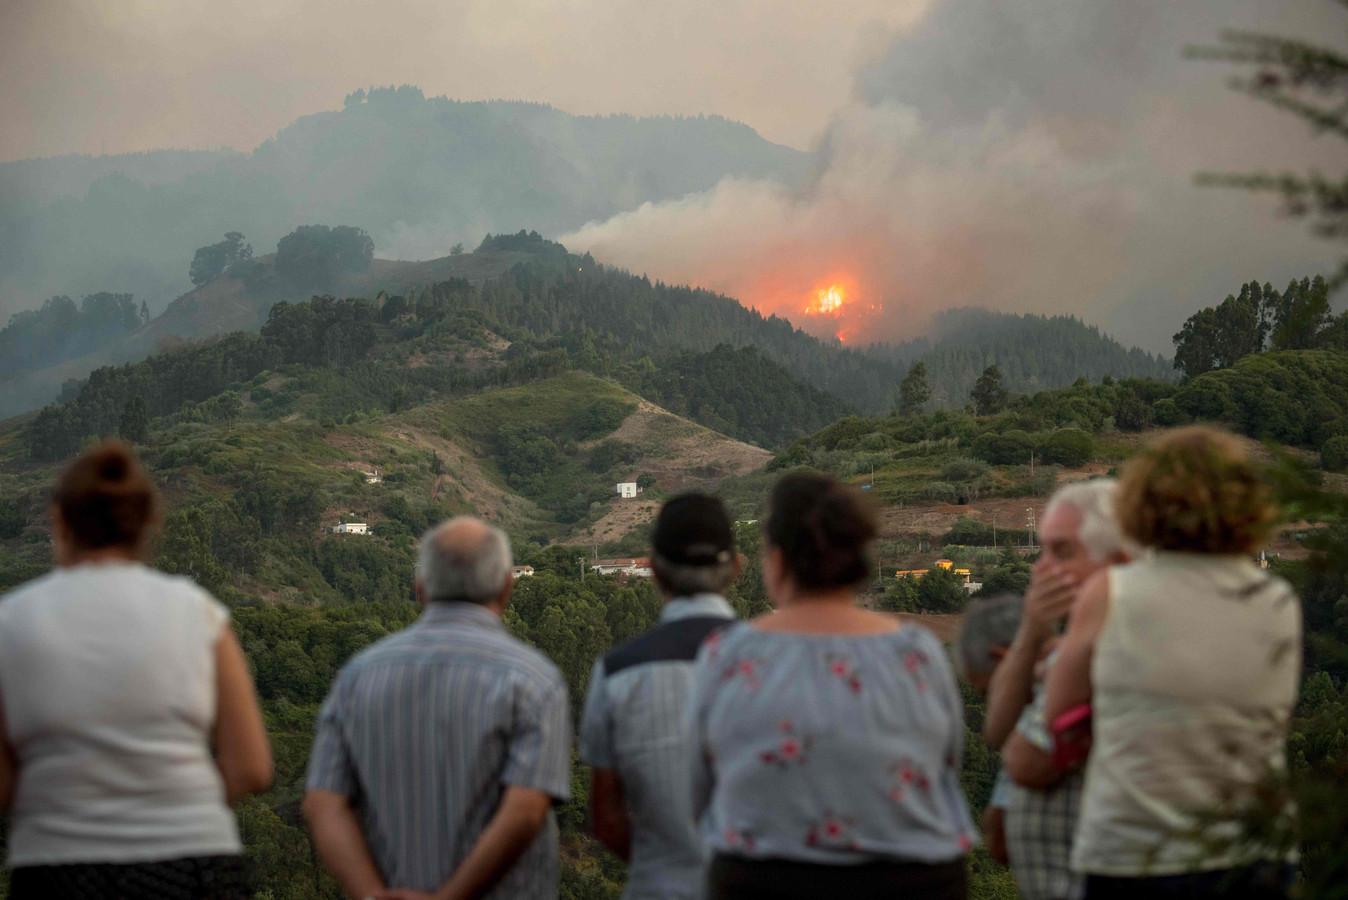 Inwoners van Montana Alta kijken geschrokken toe hoe het vuur zich verspreidt.